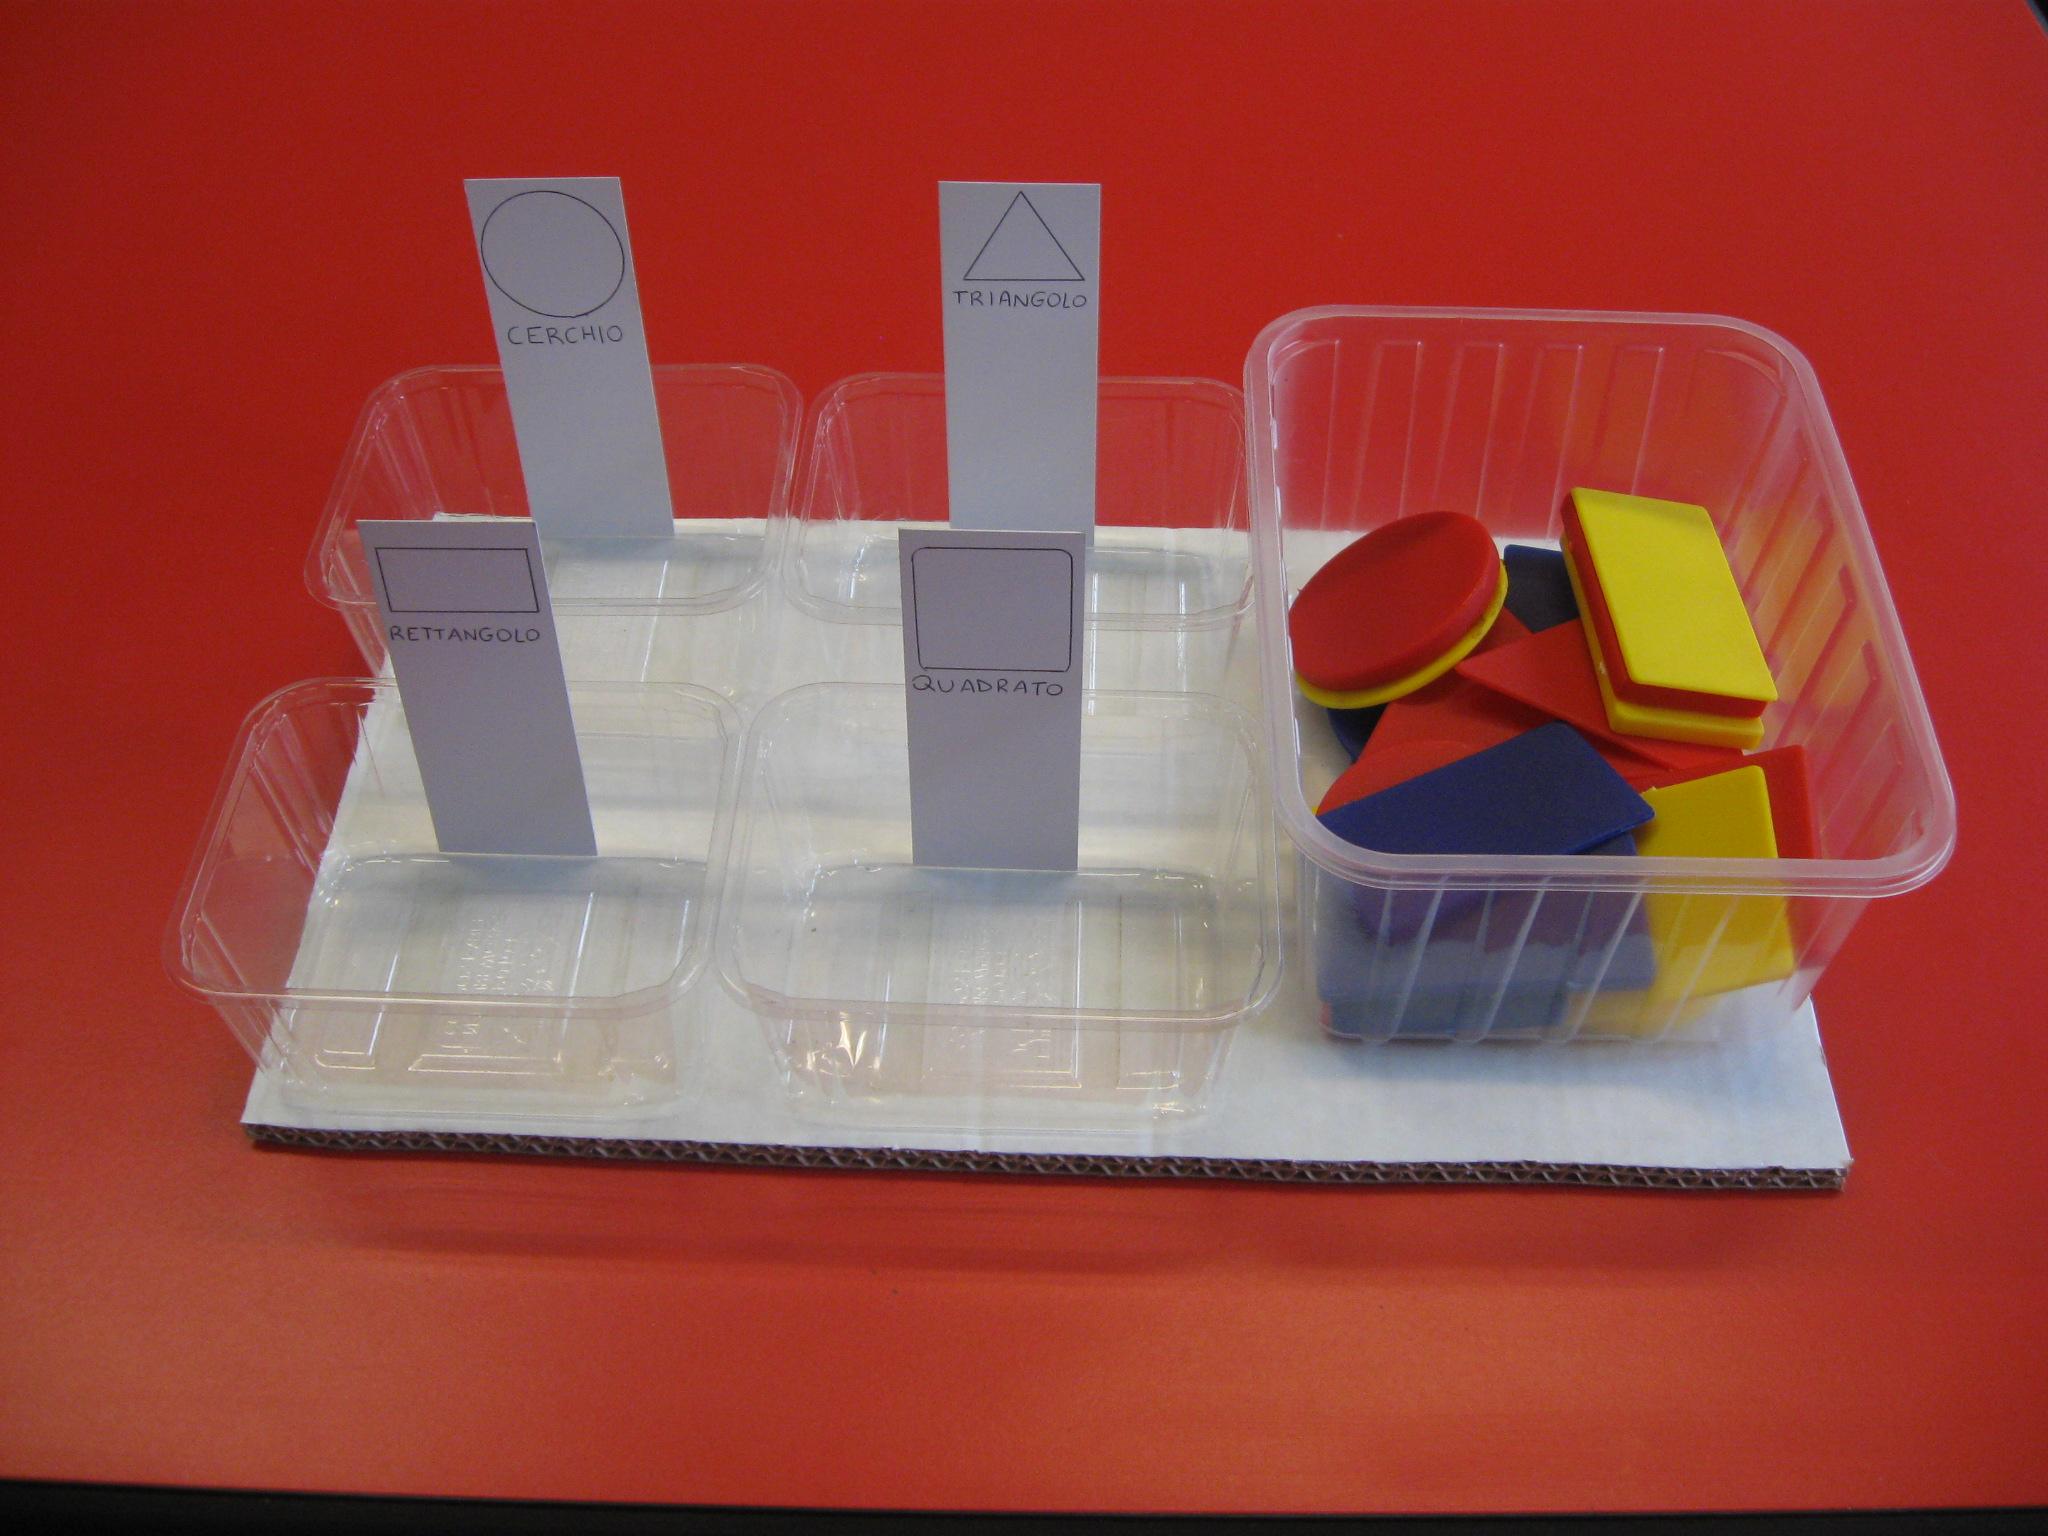 Sulla sinistra quattro vaschette con un cartoncino ciascuna che riproduce una forma geometrica. Sulla destra un contenitore contenente diverse forme geometriche di plastica.